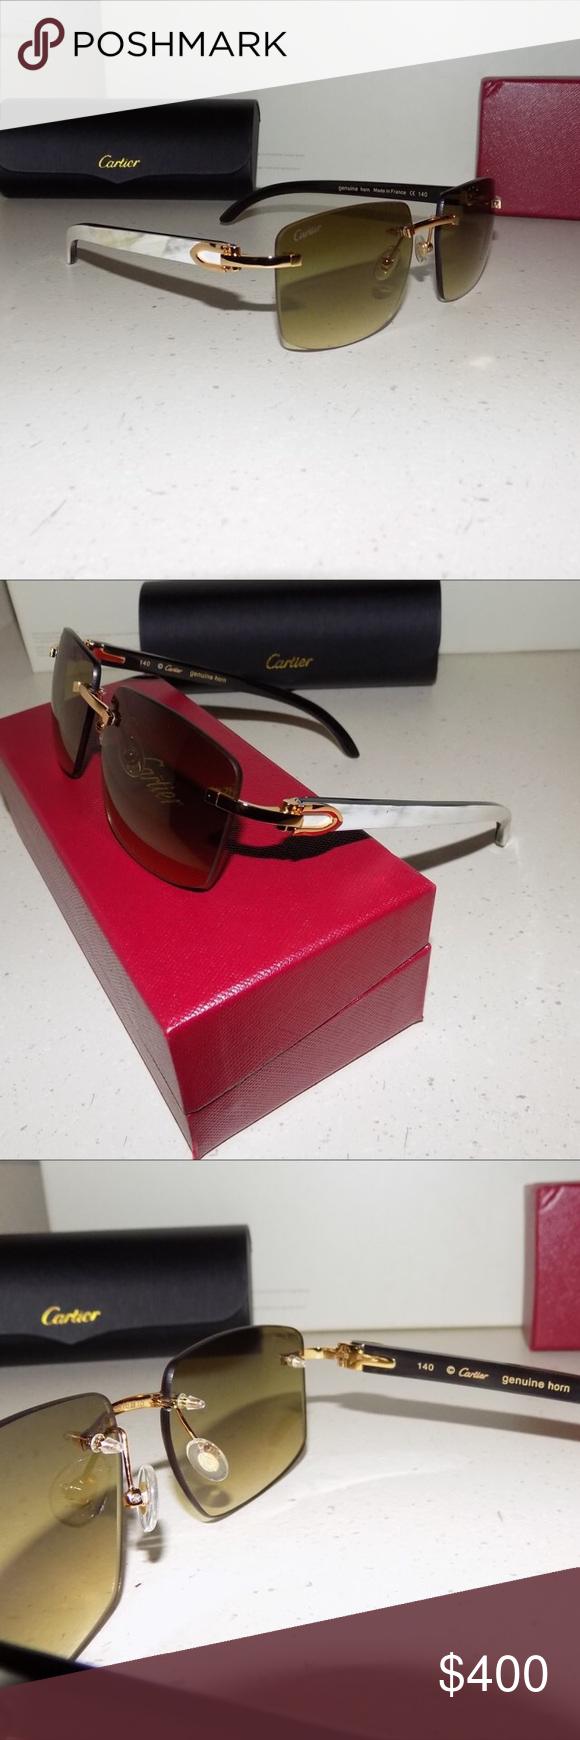 92c4b282bd5a5 Authentic Cartier Mixed Buffalo Horn Sunglasses Size  55 Lenses-18  Bridge-140 Temples